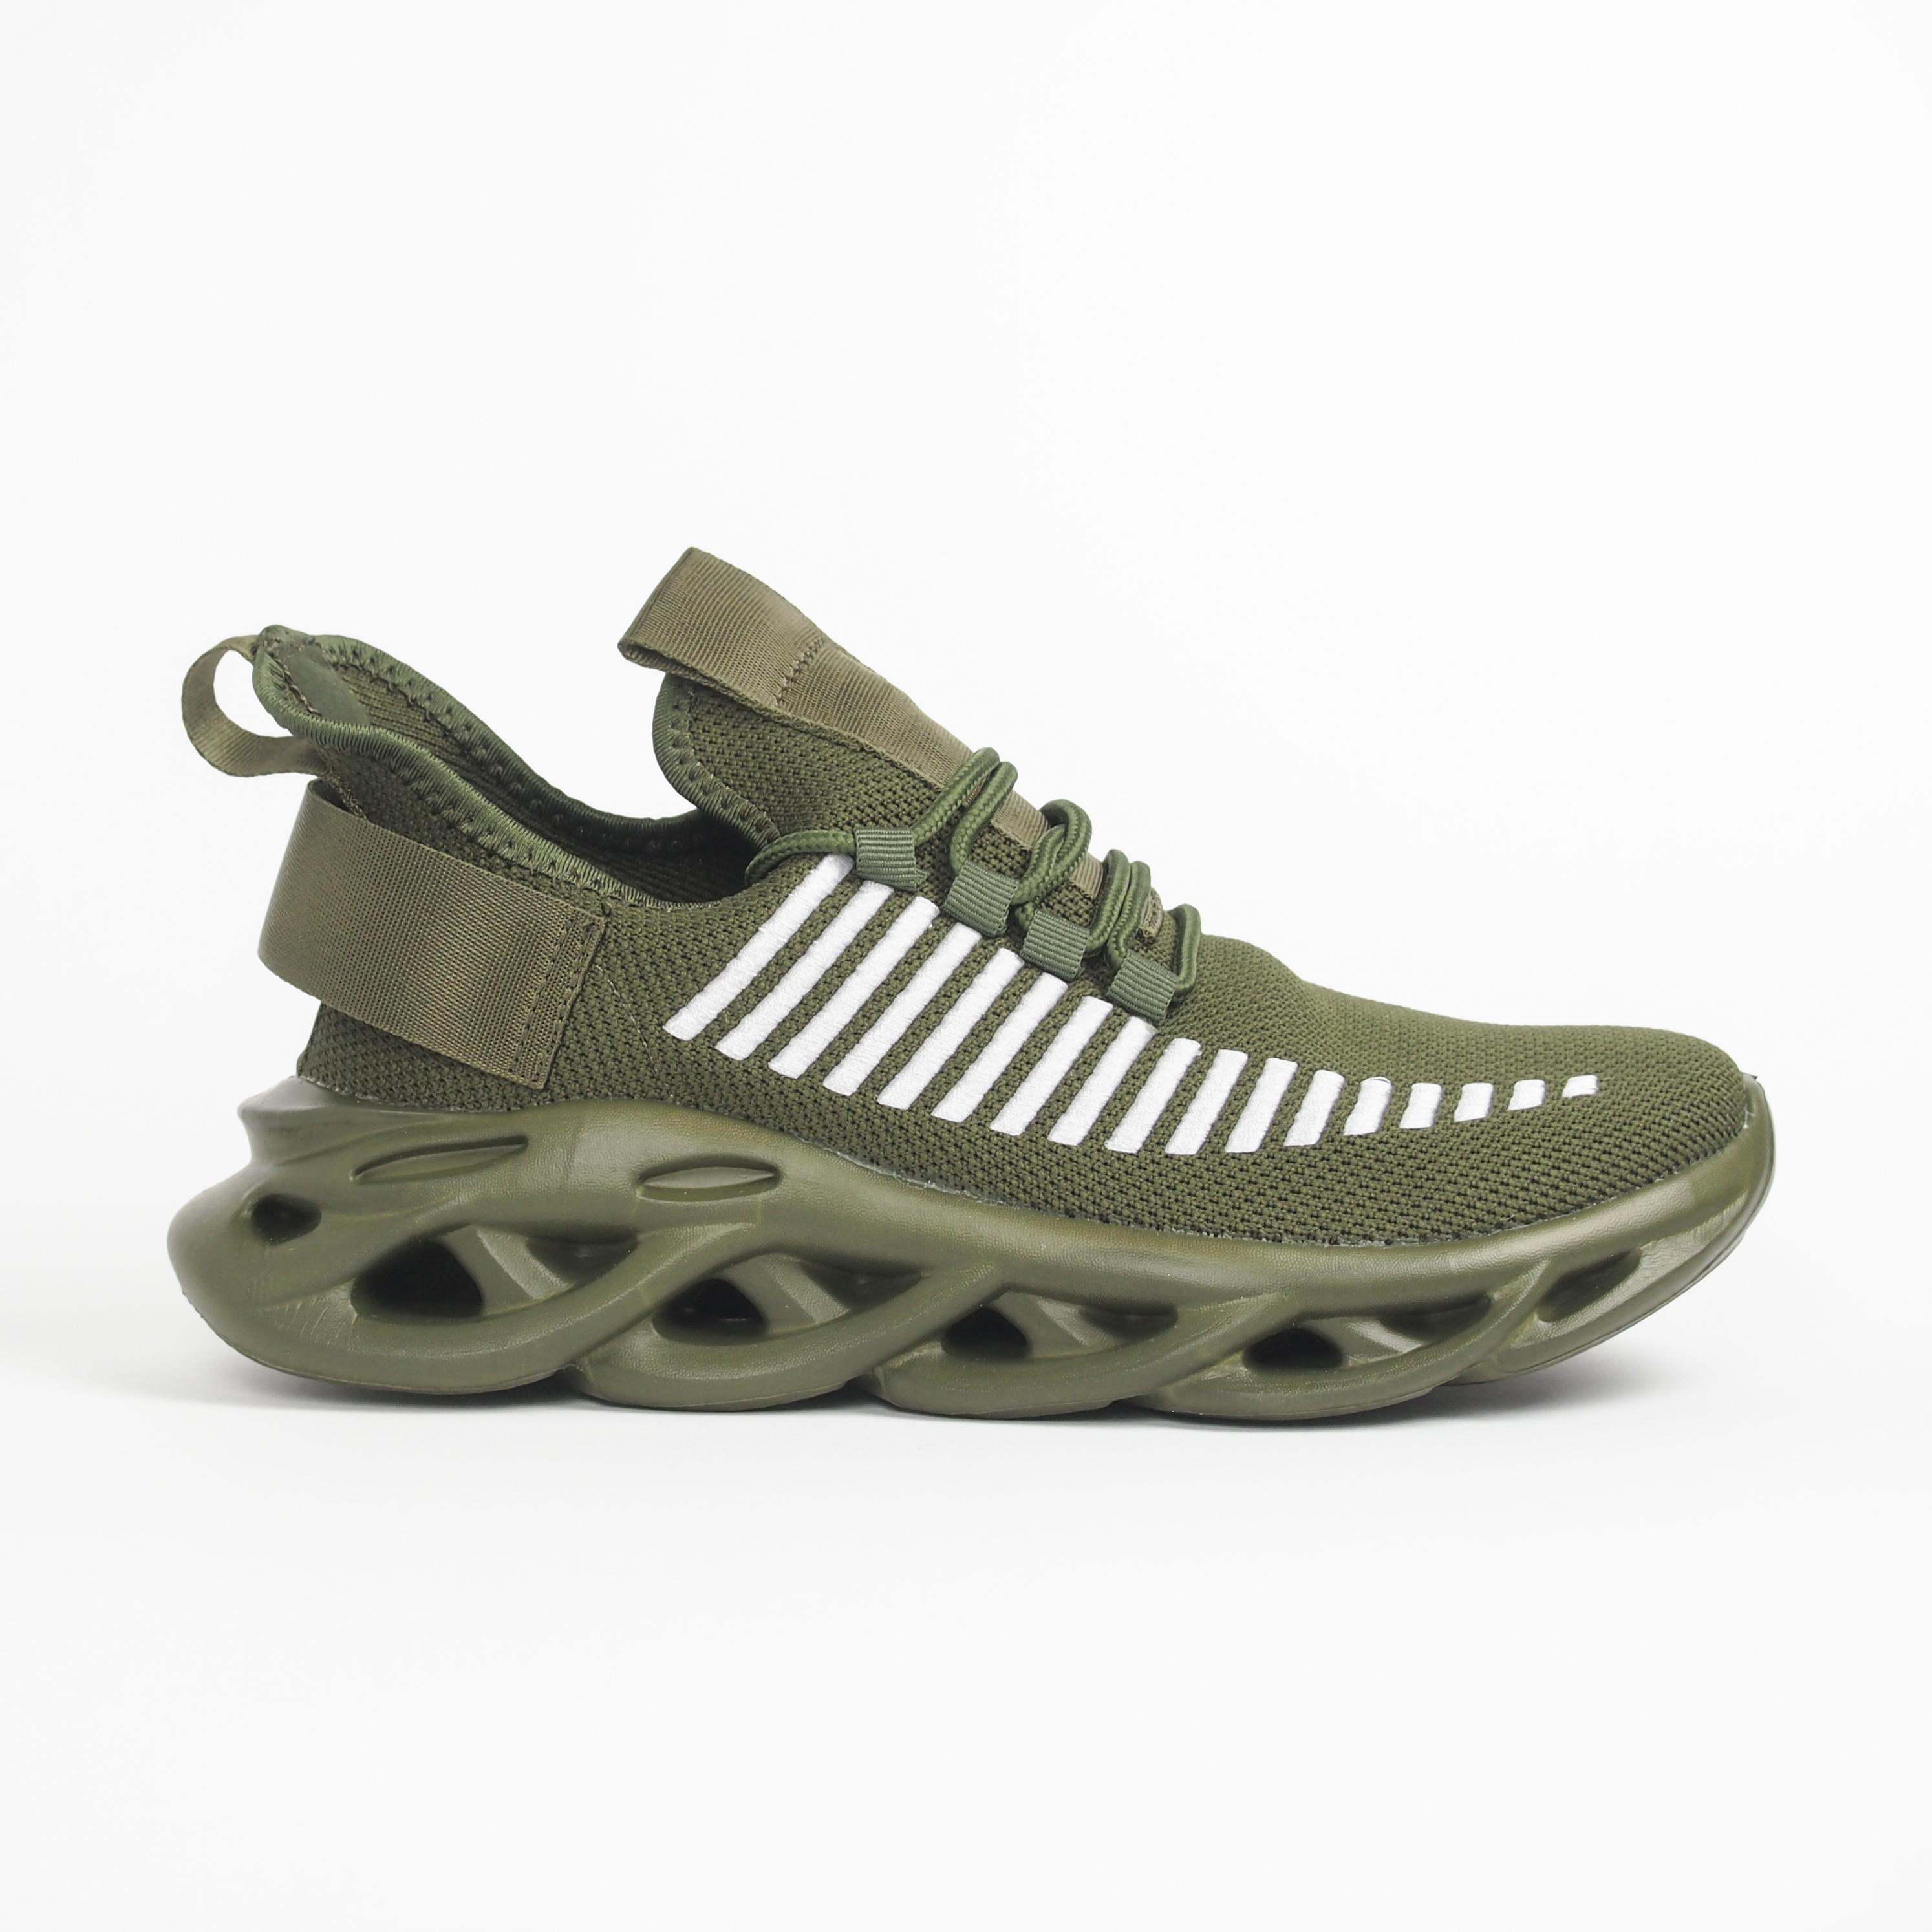 Ανδρικά military πράσινα αθλητικά παπούτσια Rogue